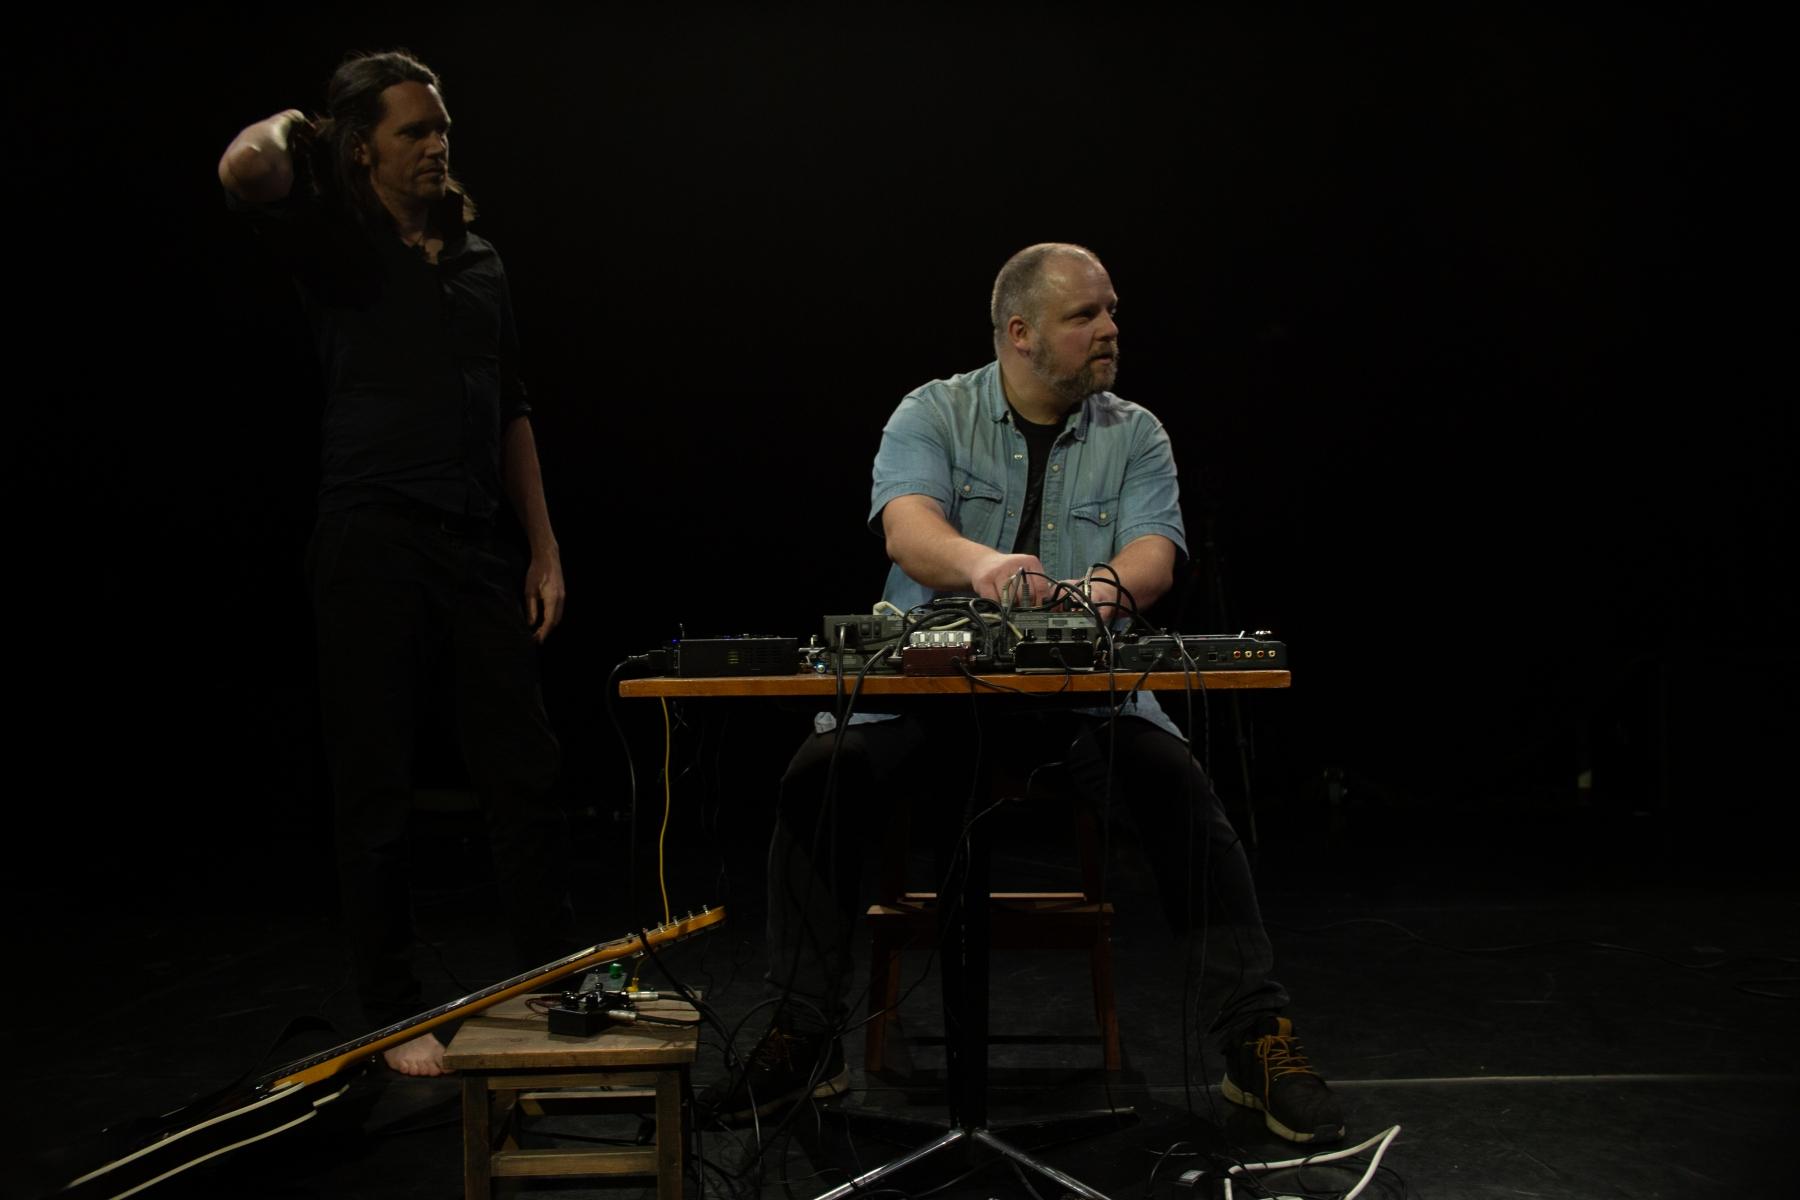 Berättaren-och-Noisemannen-3-relaxed-long-shot-1